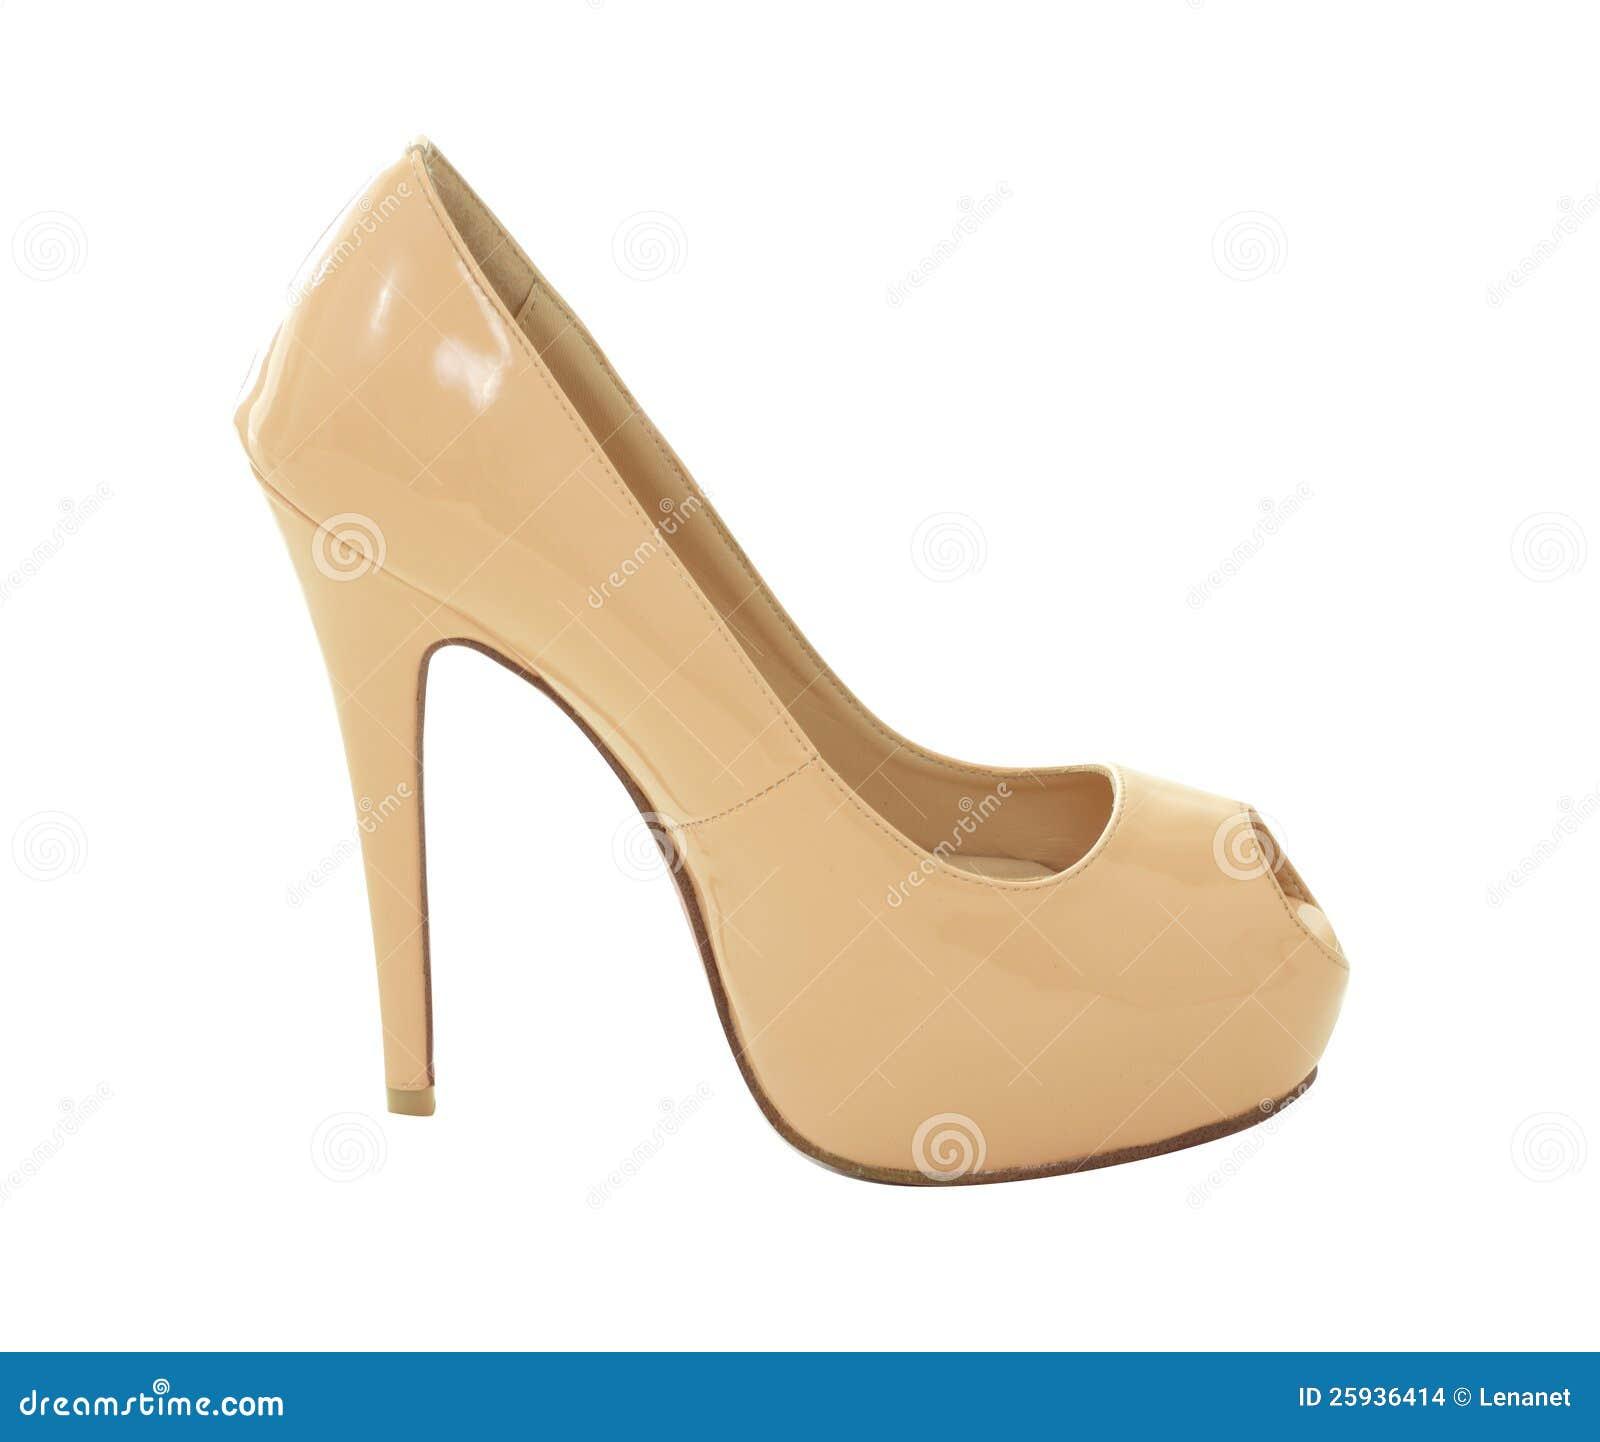 beige high heels stock images image 25936414. Black Bedroom Furniture Sets. Home Design Ideas